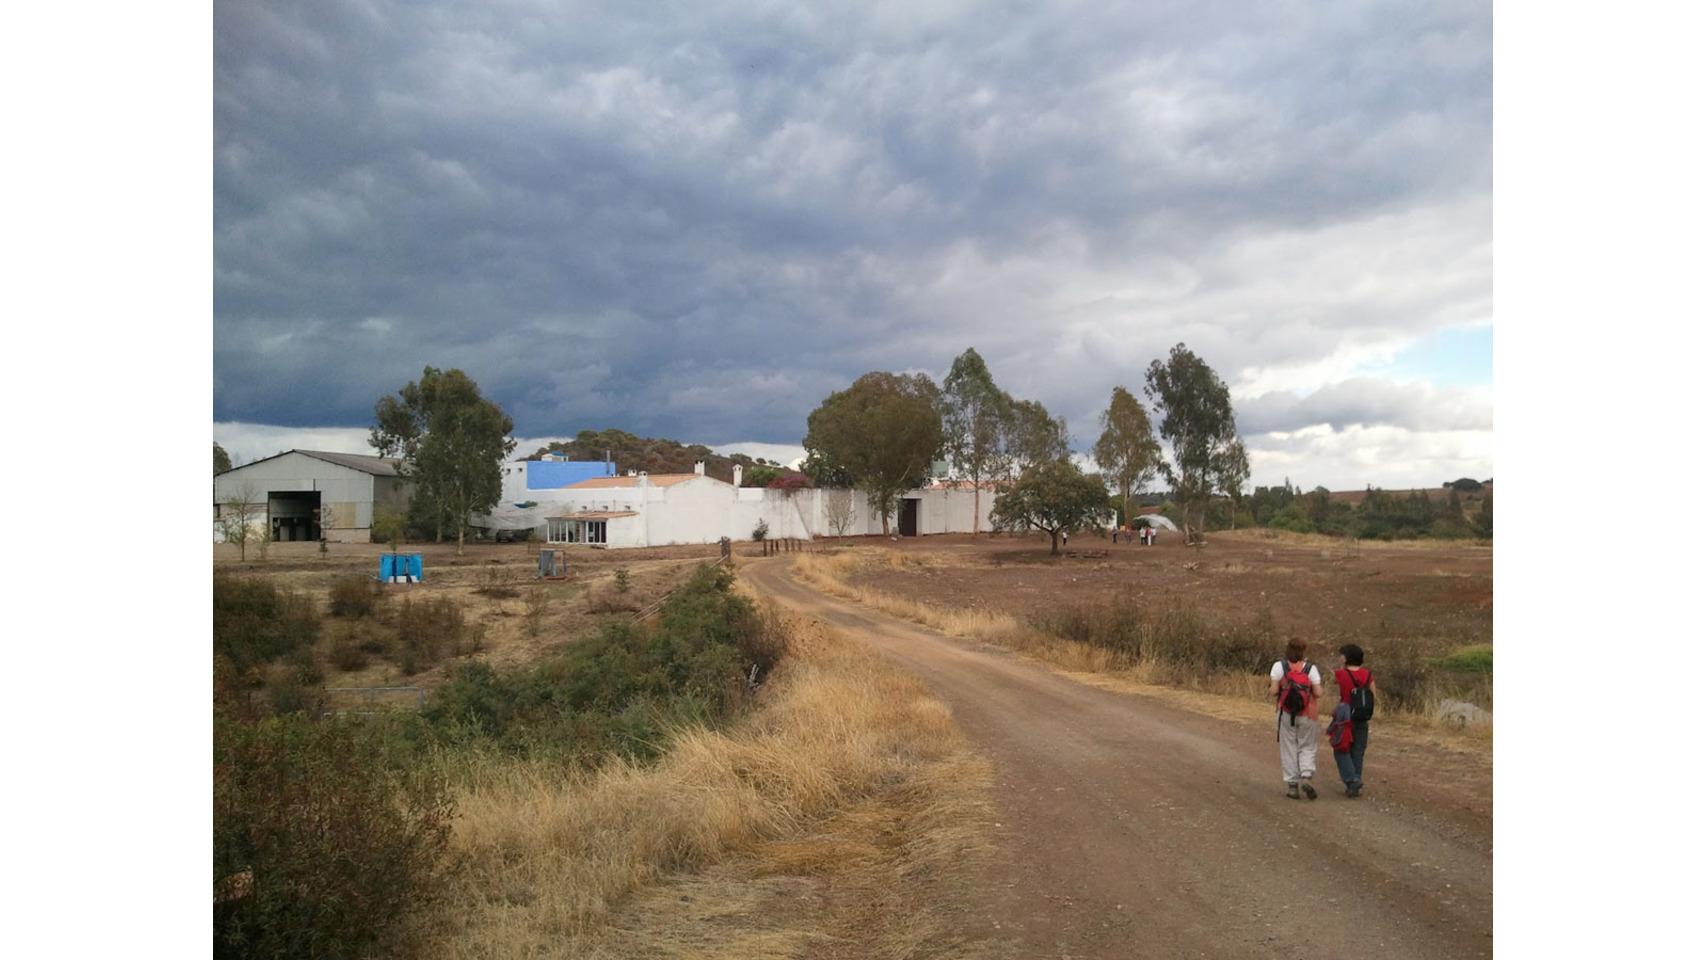 Los exteriores de la aldea Los Portales.